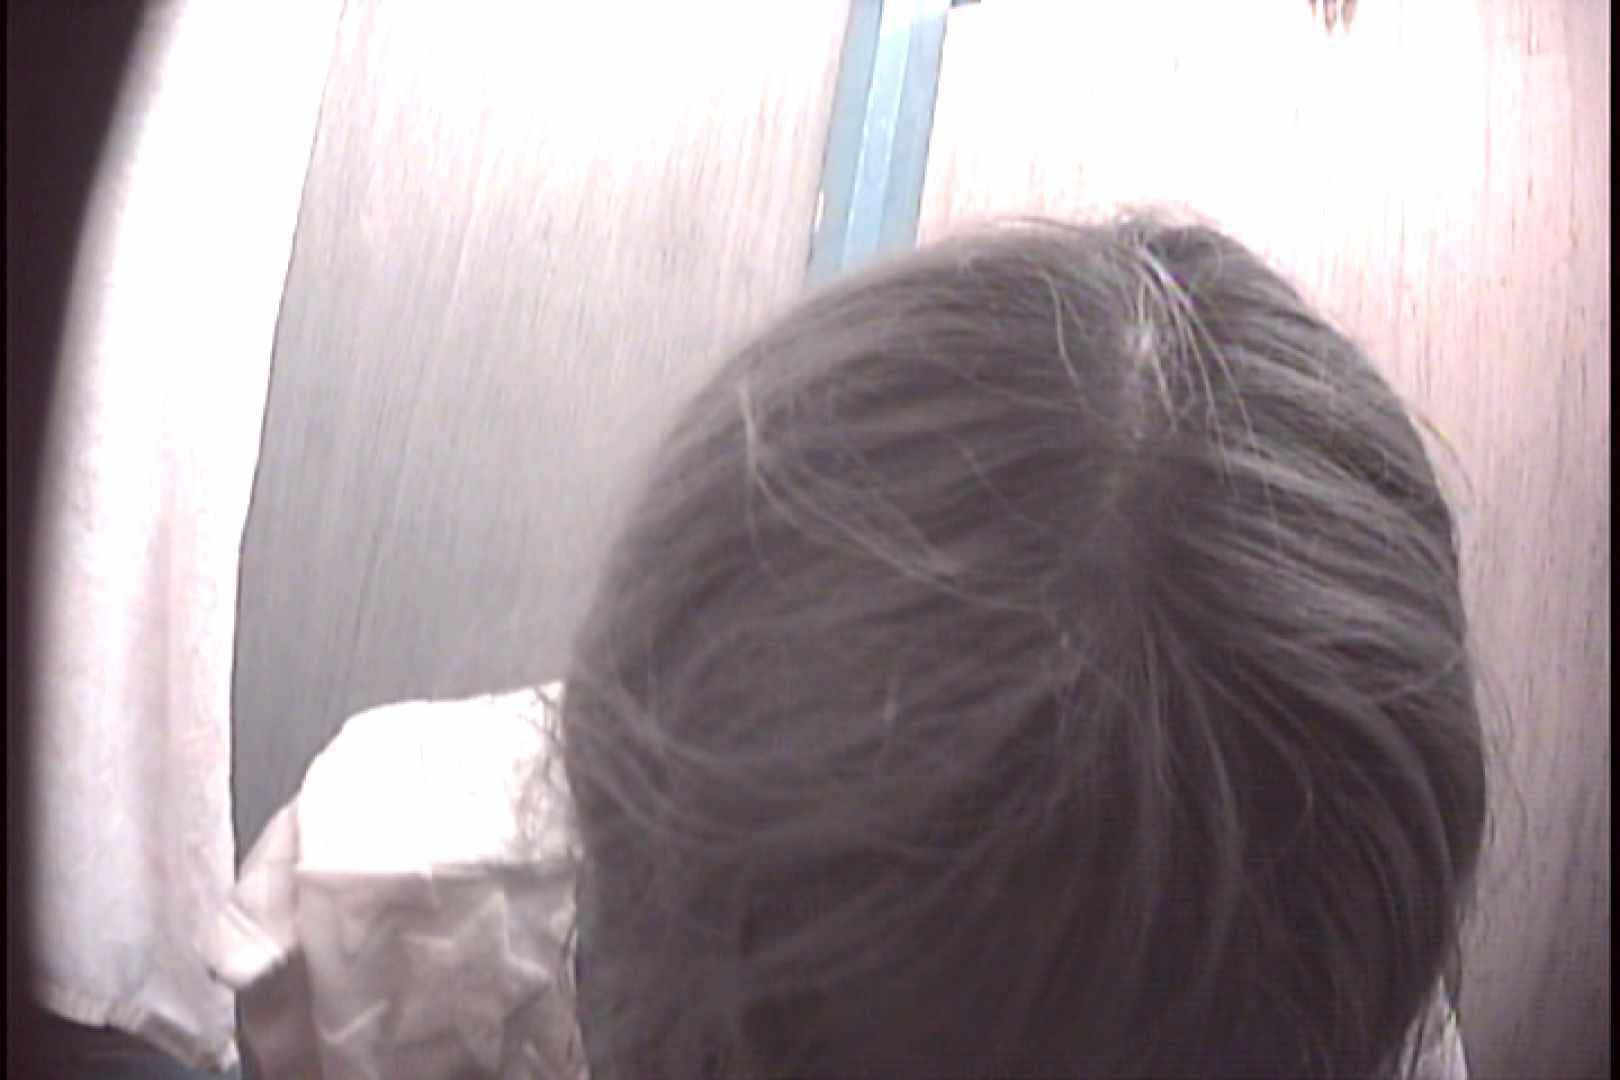 File.37 収穫の秋、こんなの取れました。必見です!【2011年20位】 名人 | シャワー室  91画像 8